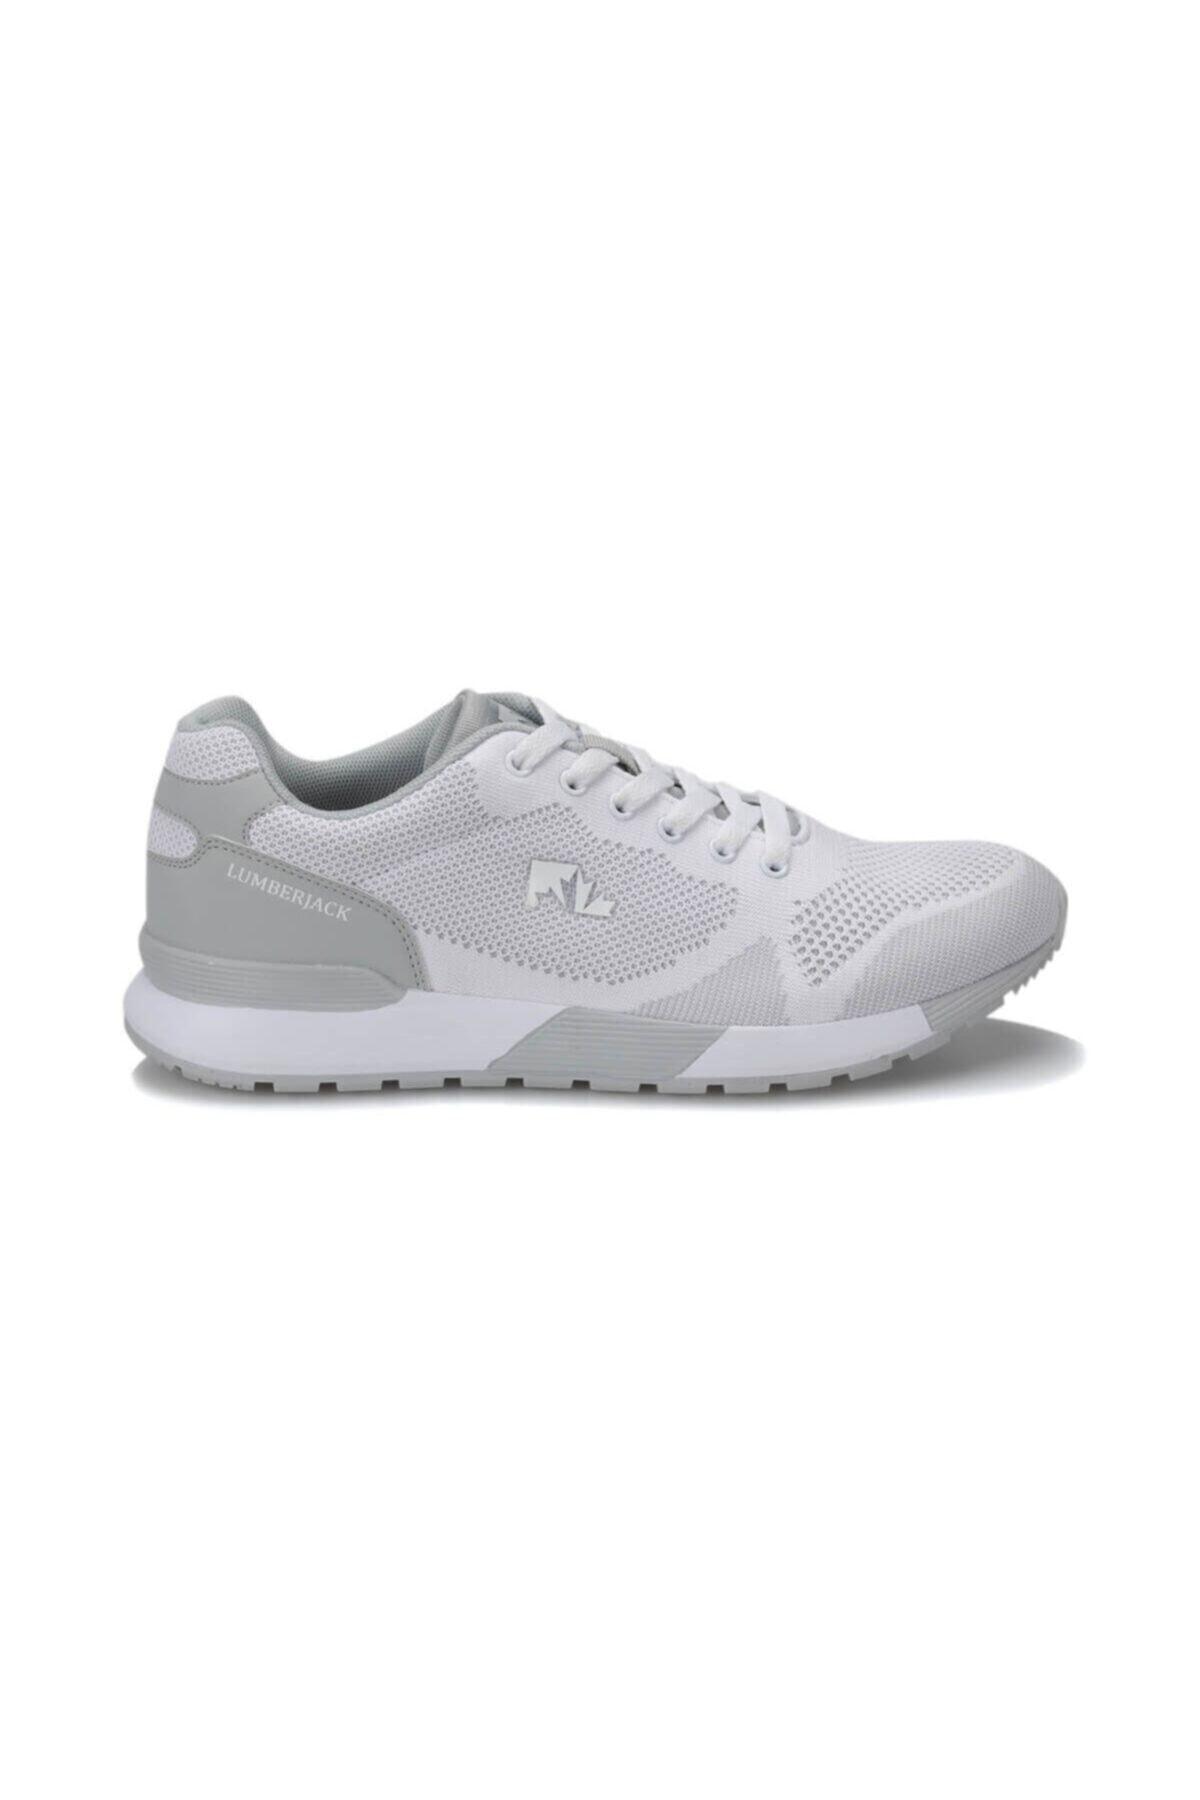 8m Vendor Erkek Günlük Spor Ayakkabı 100299436beyaz